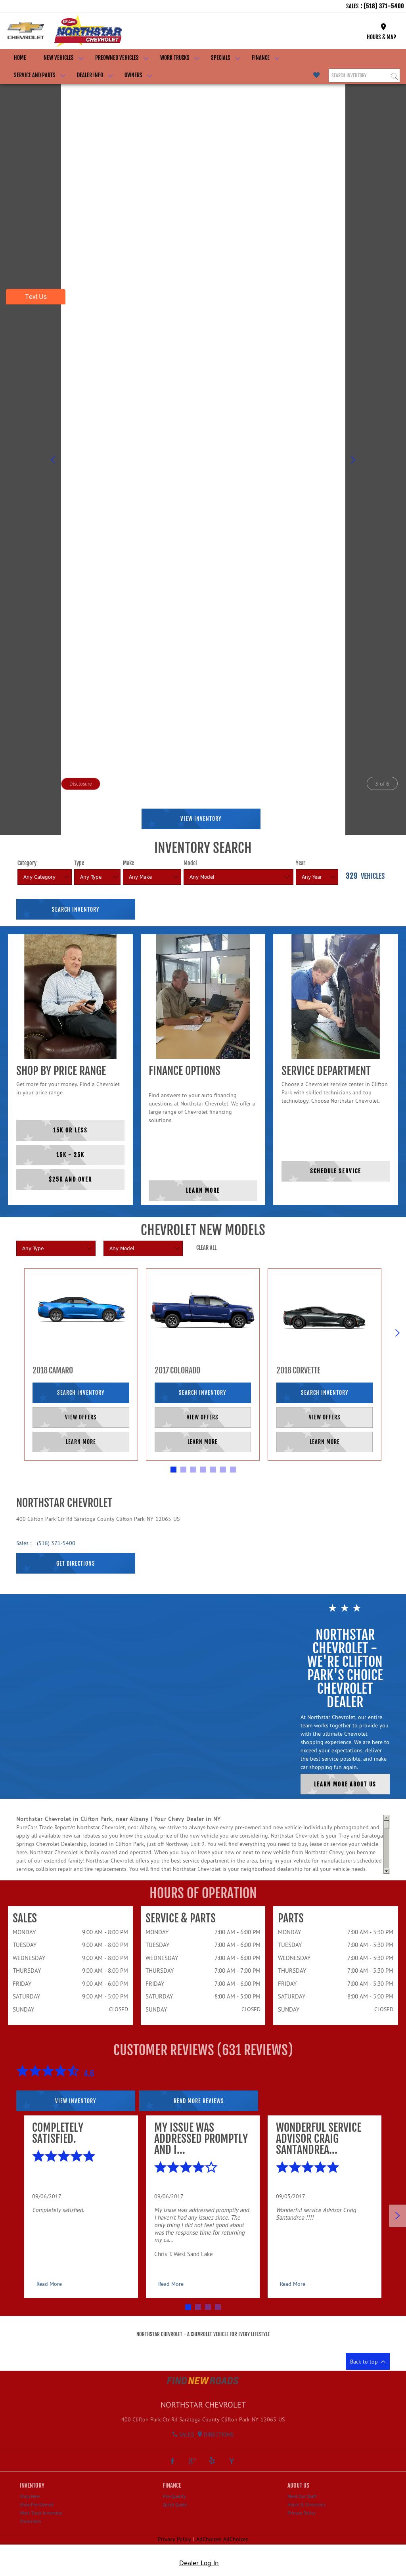 Northstar Chevrolet Website History